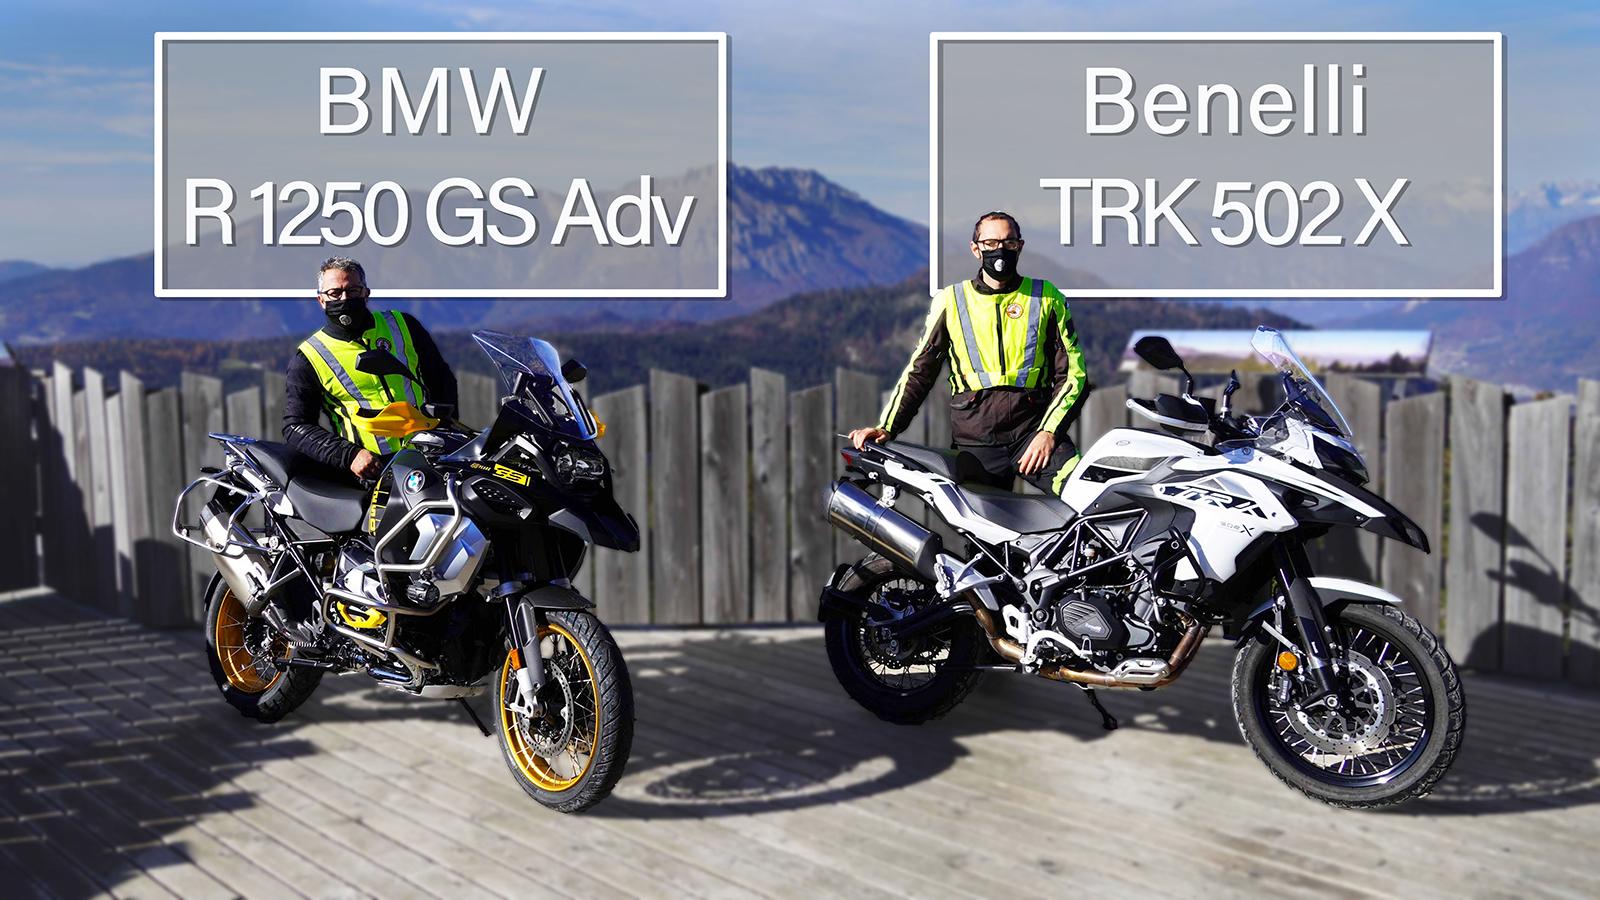 BMW R1250GS Adv Benelli TRK 502 X